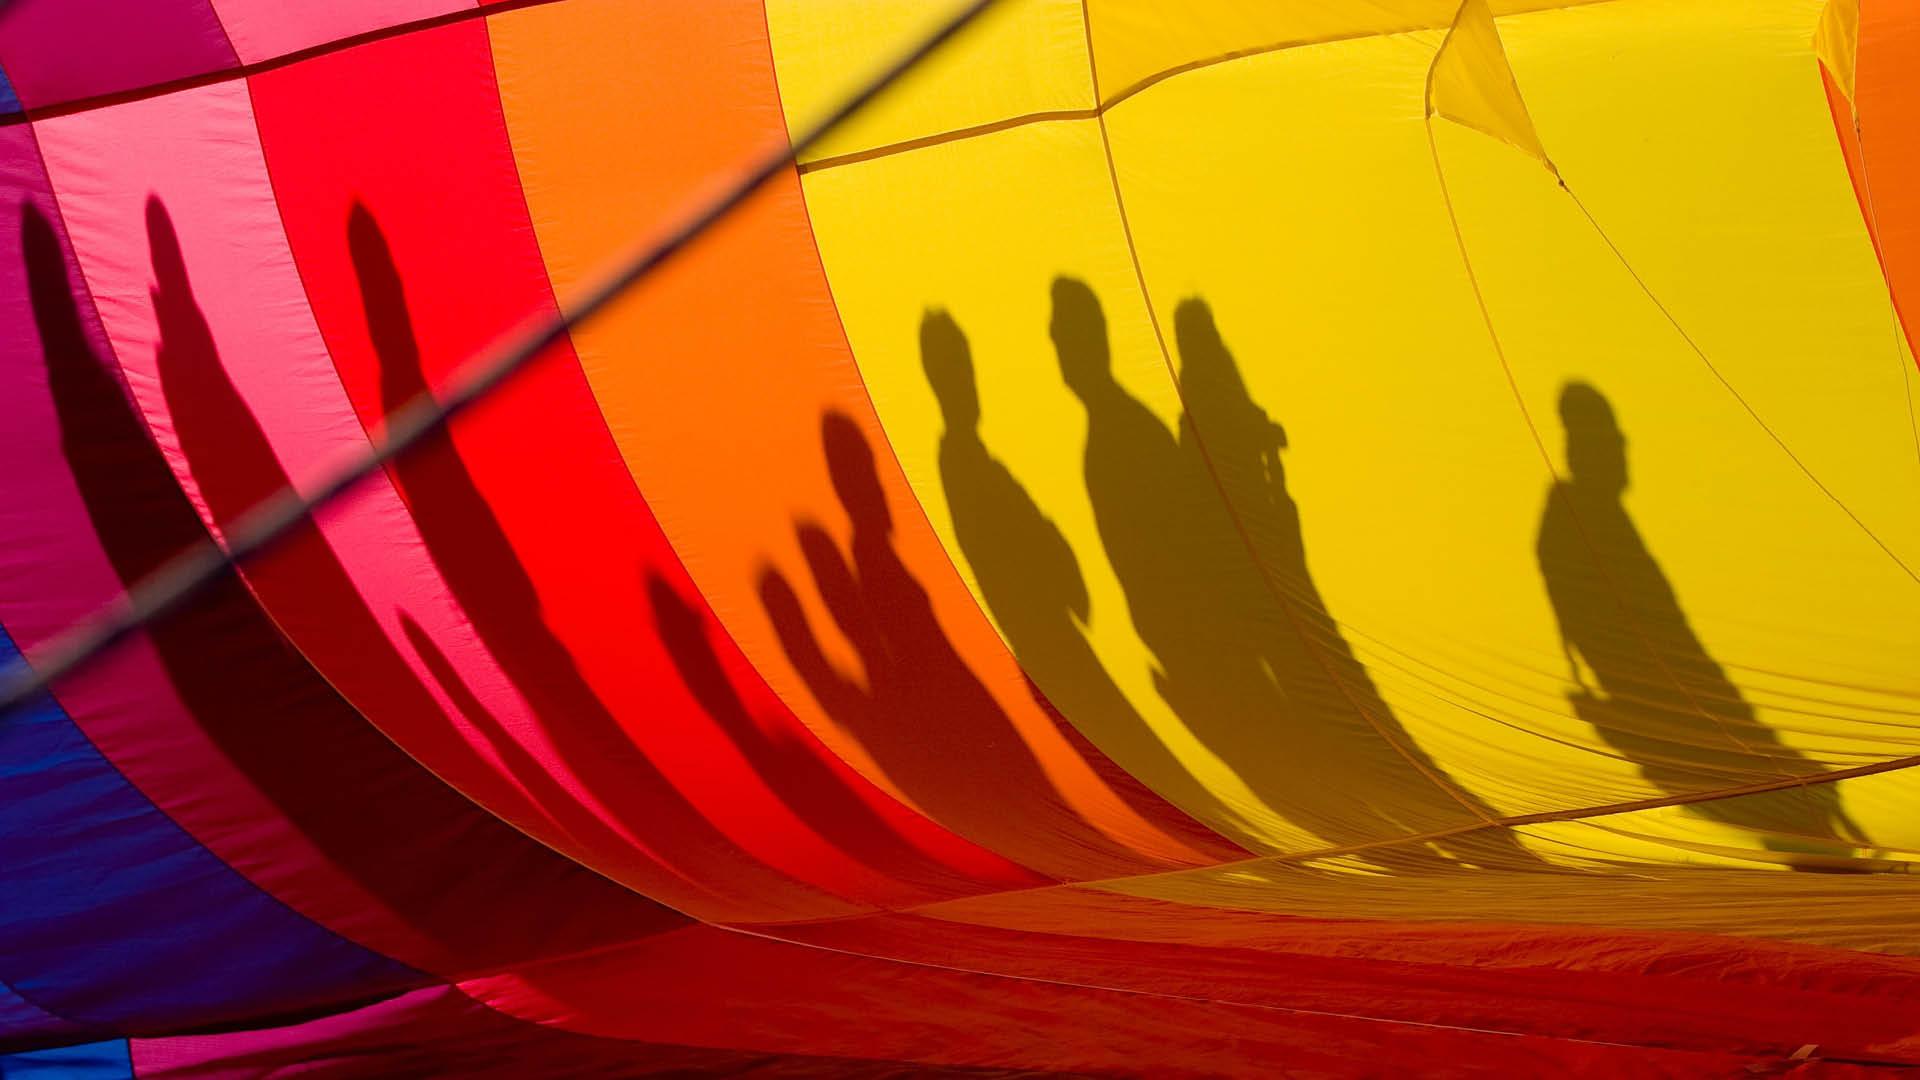 Regnbueflag med skygger af personer